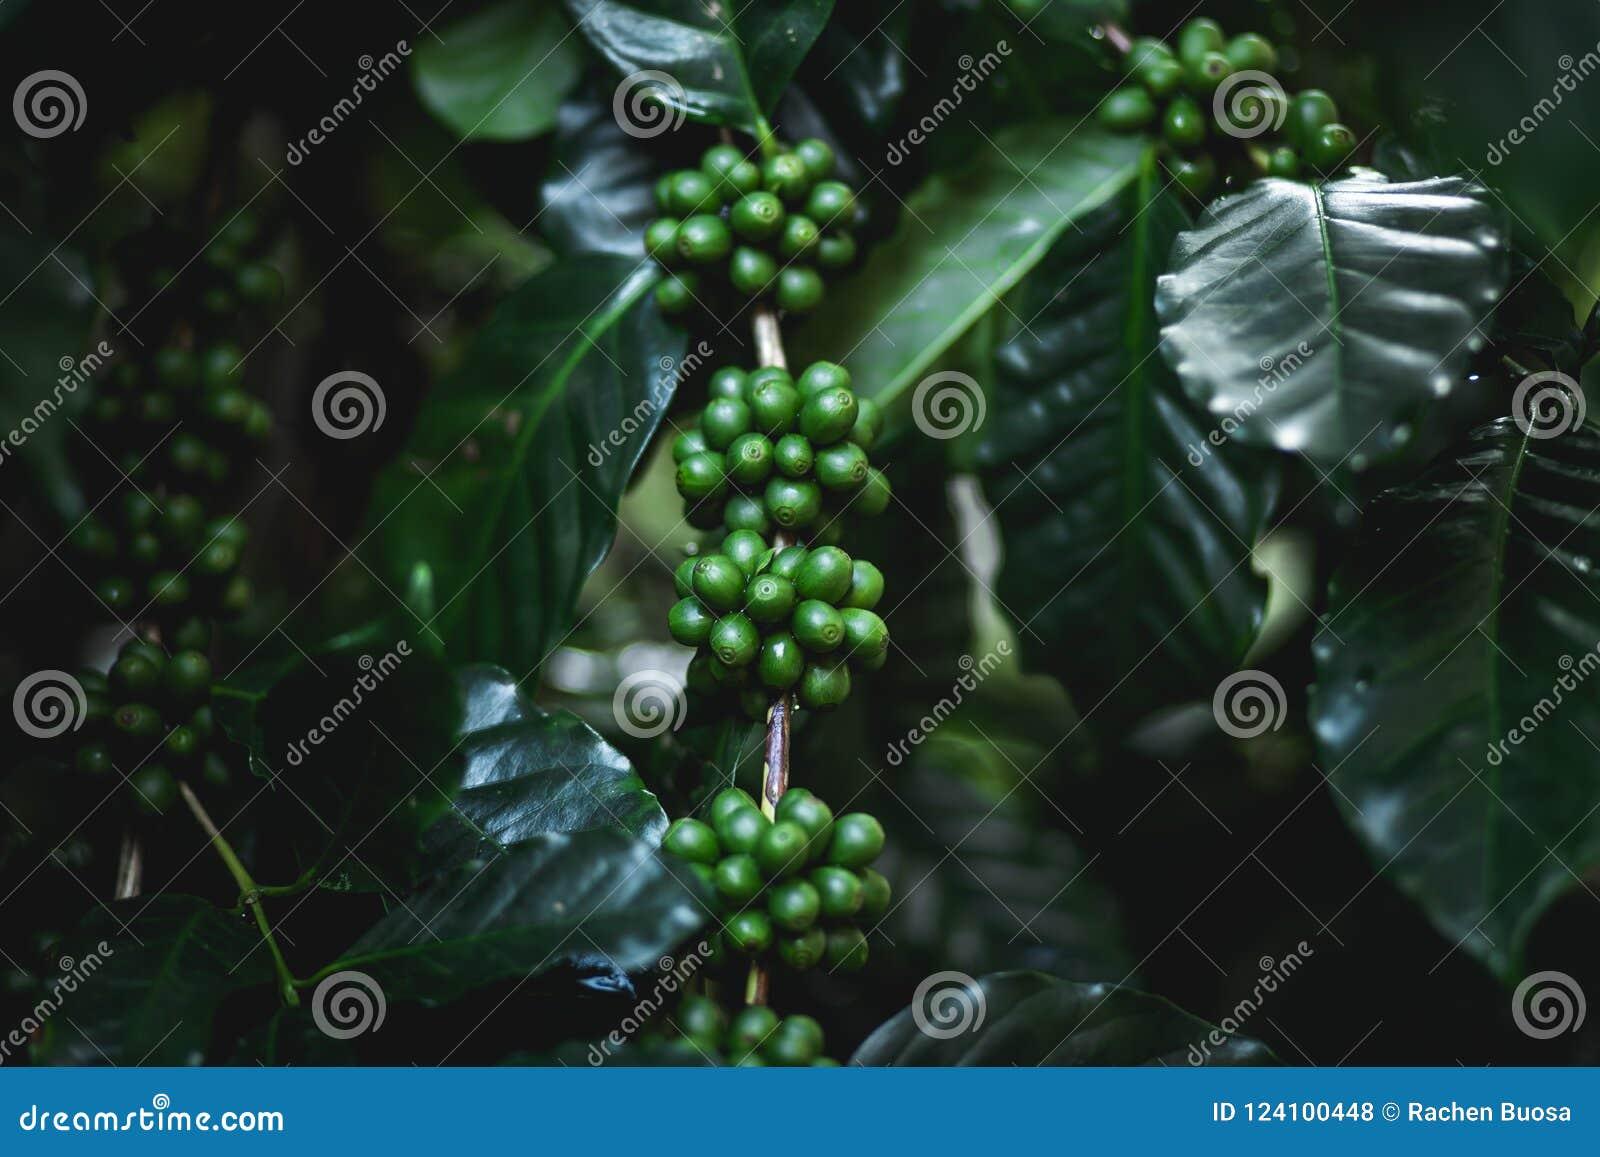 extracto de extracto de café verde himalaya